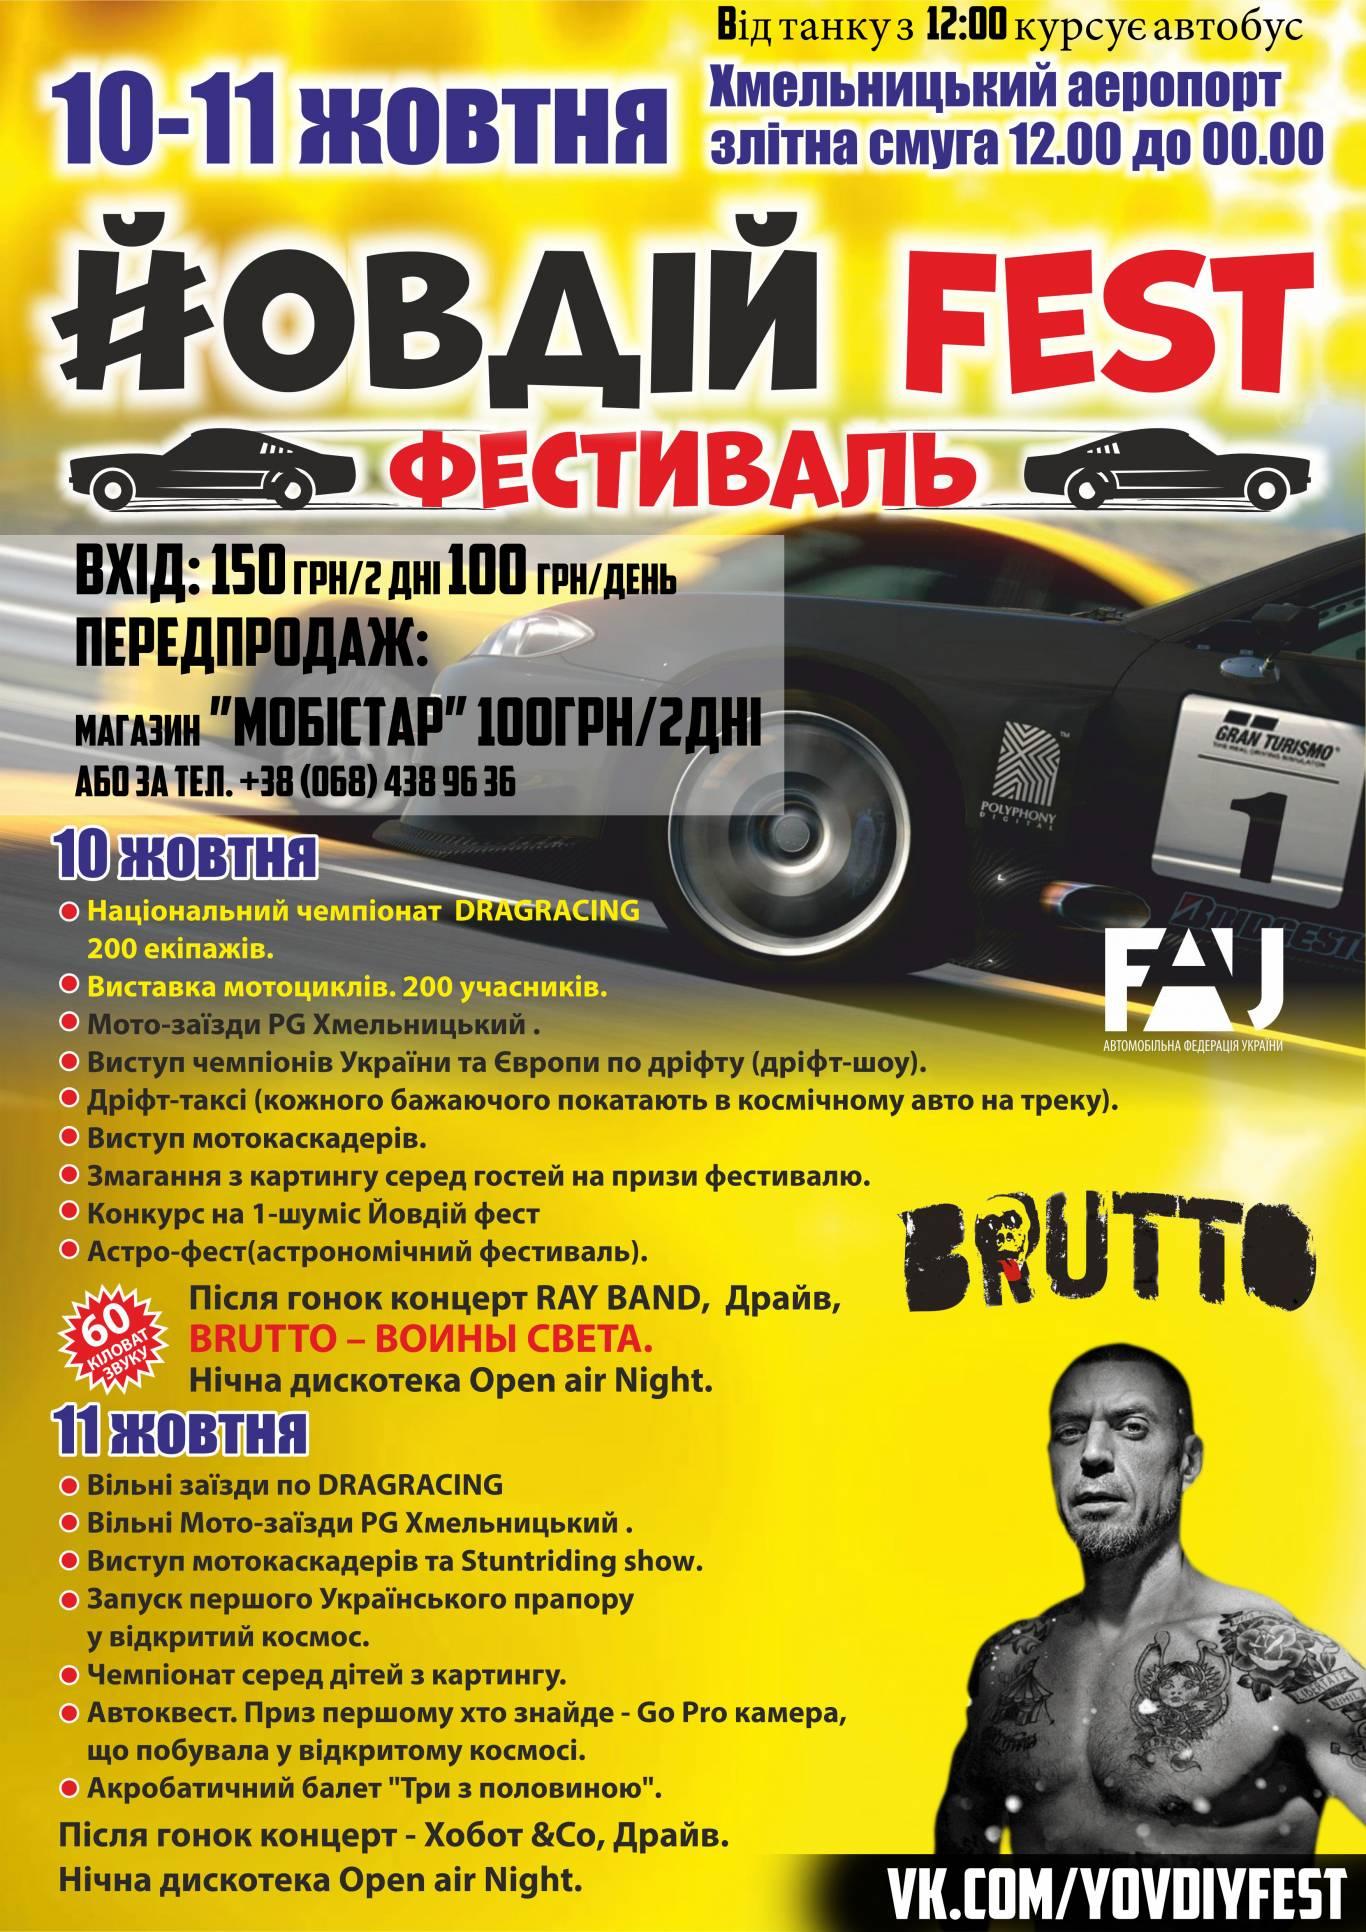 Йовдий Fest - weekend фестиваль за участі популярних виконавців